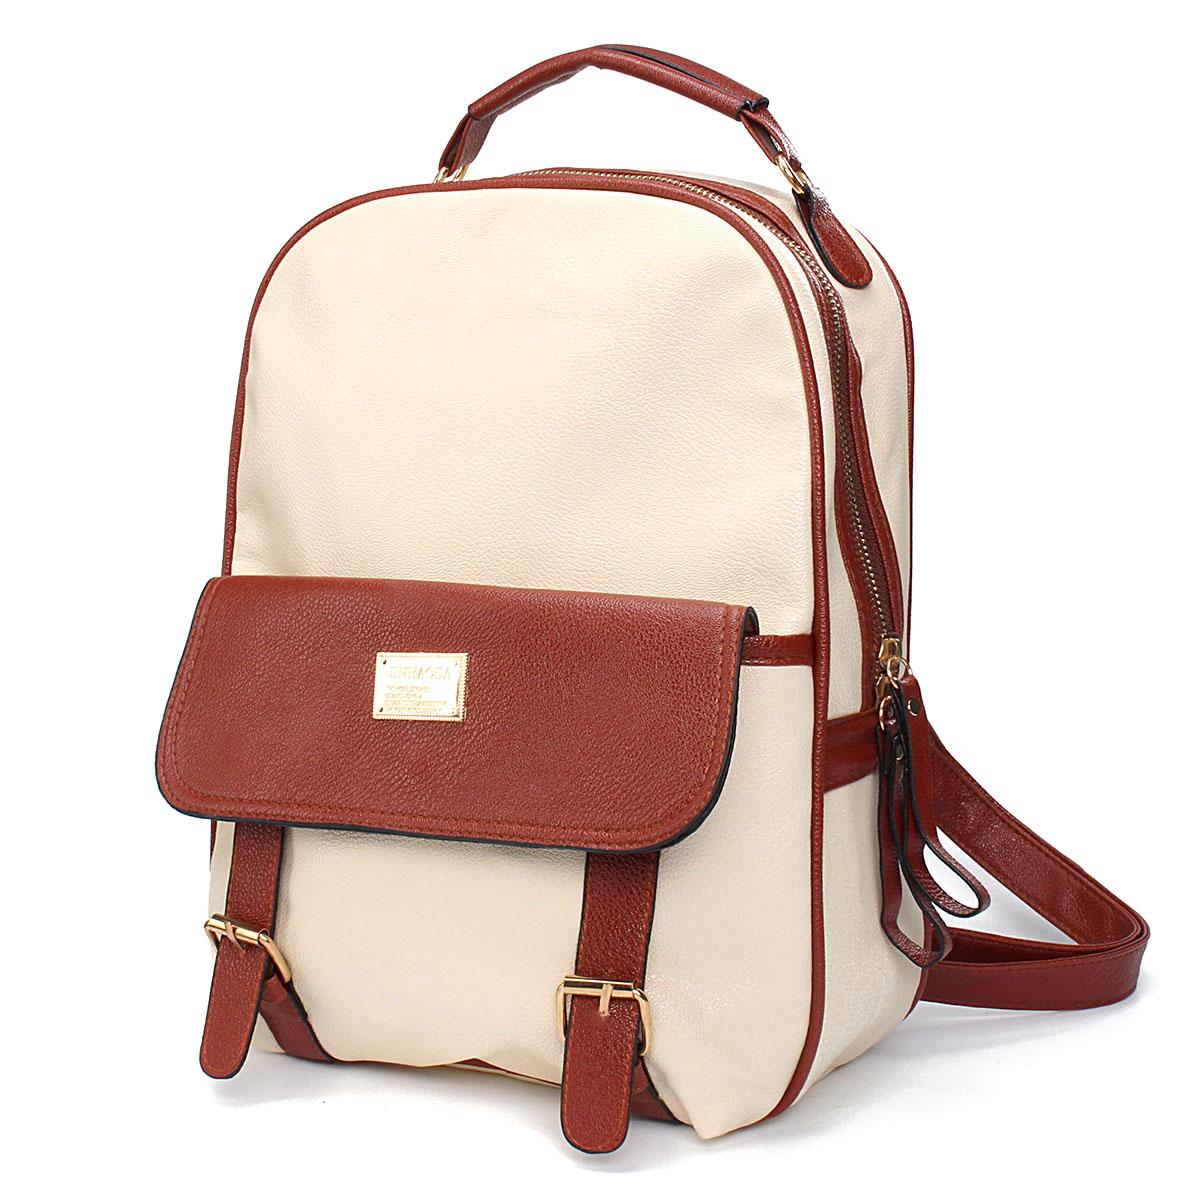 Women-Girl-Student-PU-Leather-Travel-Handbag-Campus-School-Backpack-Shoulder-Bag